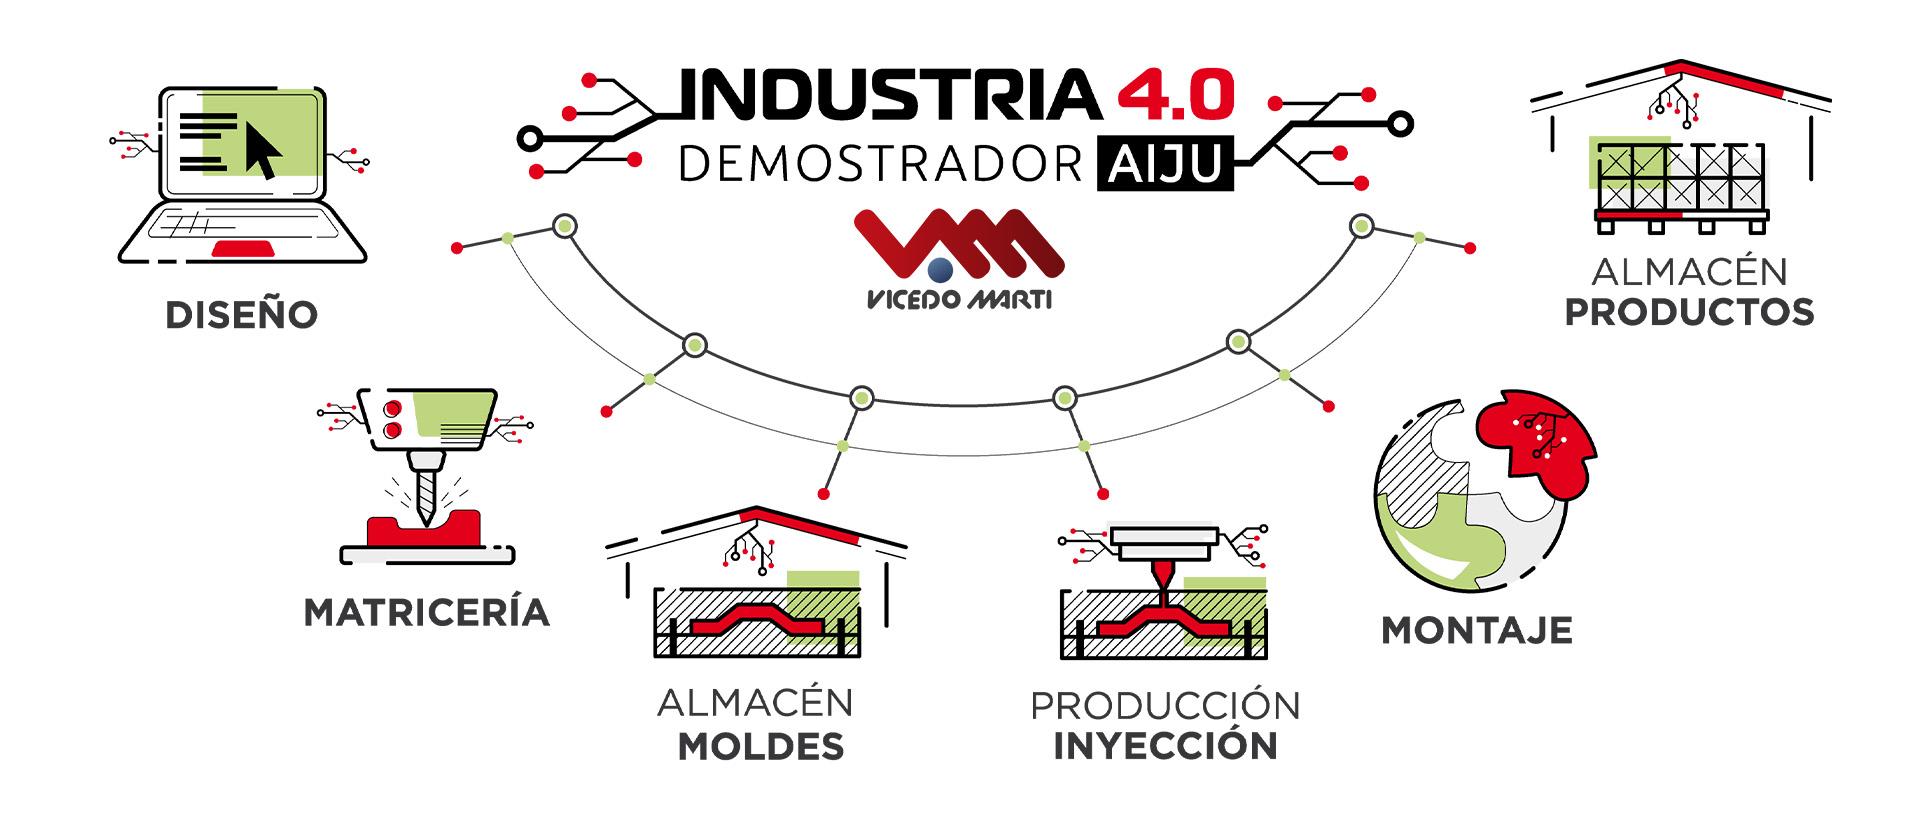 Demostrador Industria 4.0 Vicedo Martí